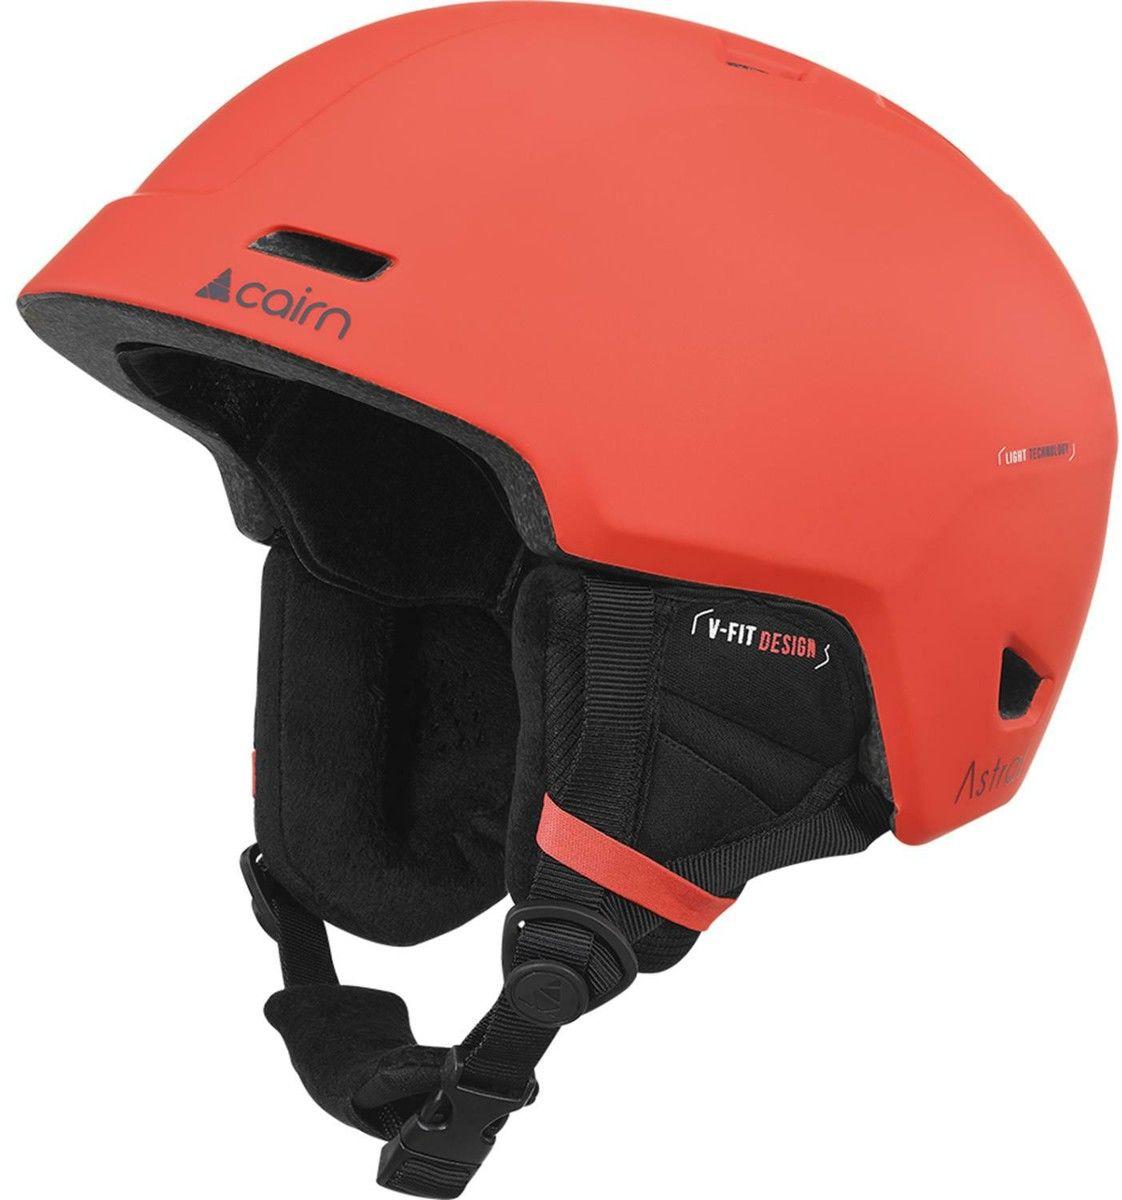 CAIRN kask zimowy narciarski/snowboardowy ASTRAL czerwony Rozmiar: 57-58,060614087